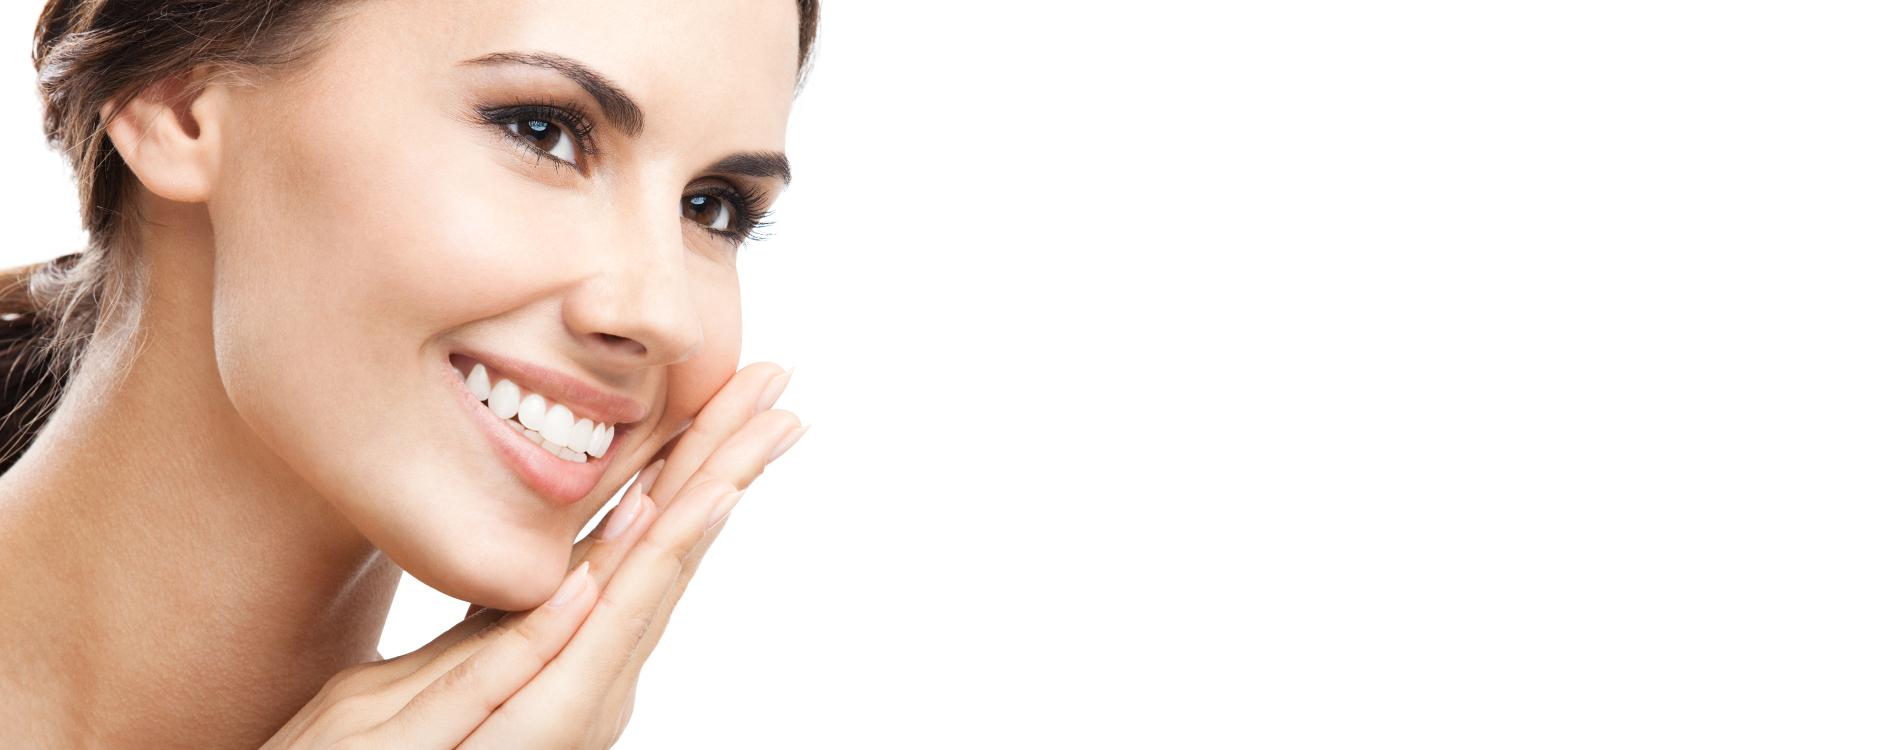 Zahnarzt Weißenhorn Dr. Janschitz - Das Beste aus der ästhetischen Zahnmedizin